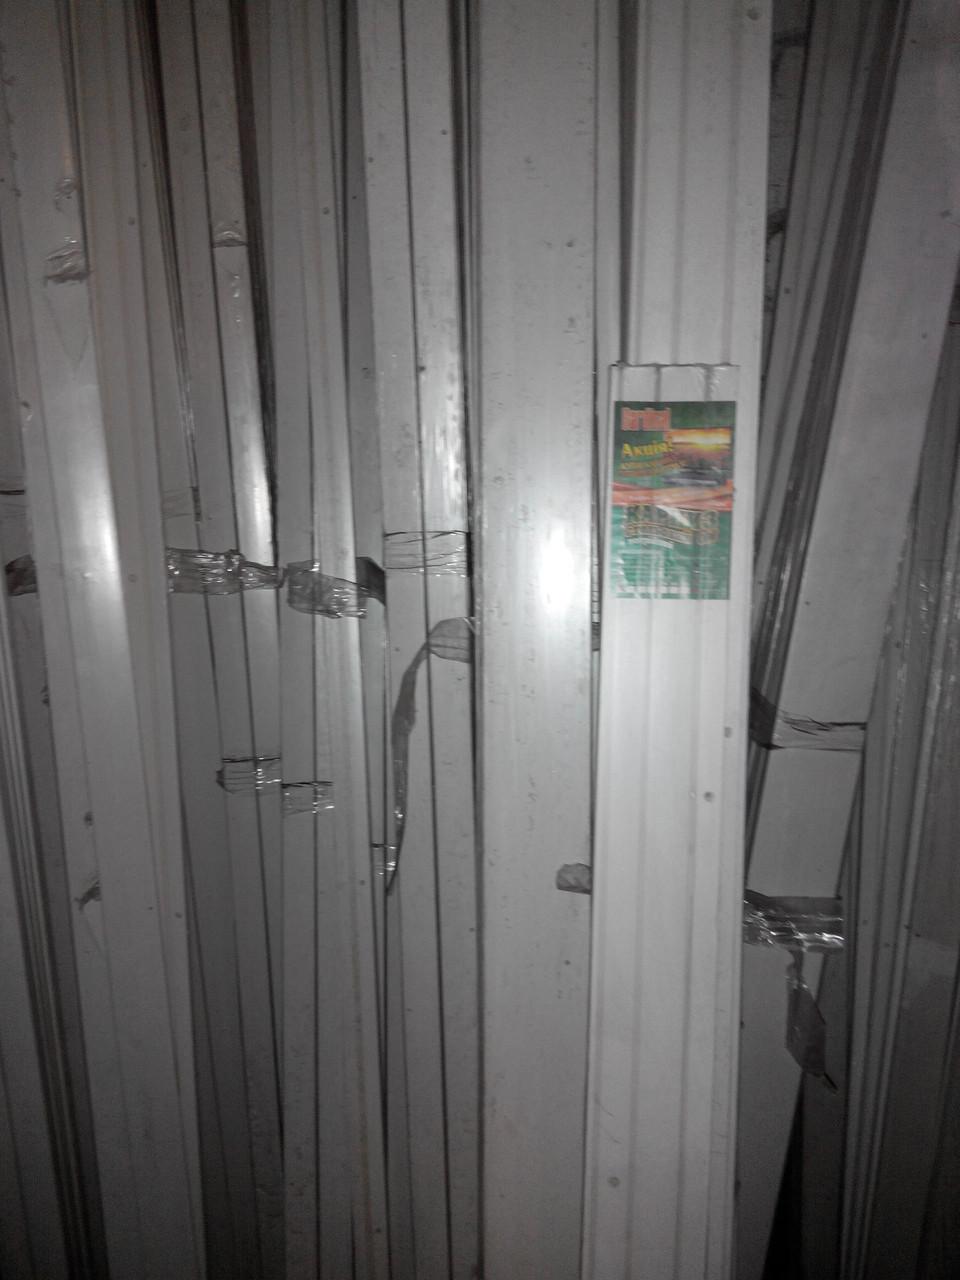 Карниз 3м двойной потолочный пластиковый с комплектующим со склада в Днепропетровске , доставка по Украине - фото 3